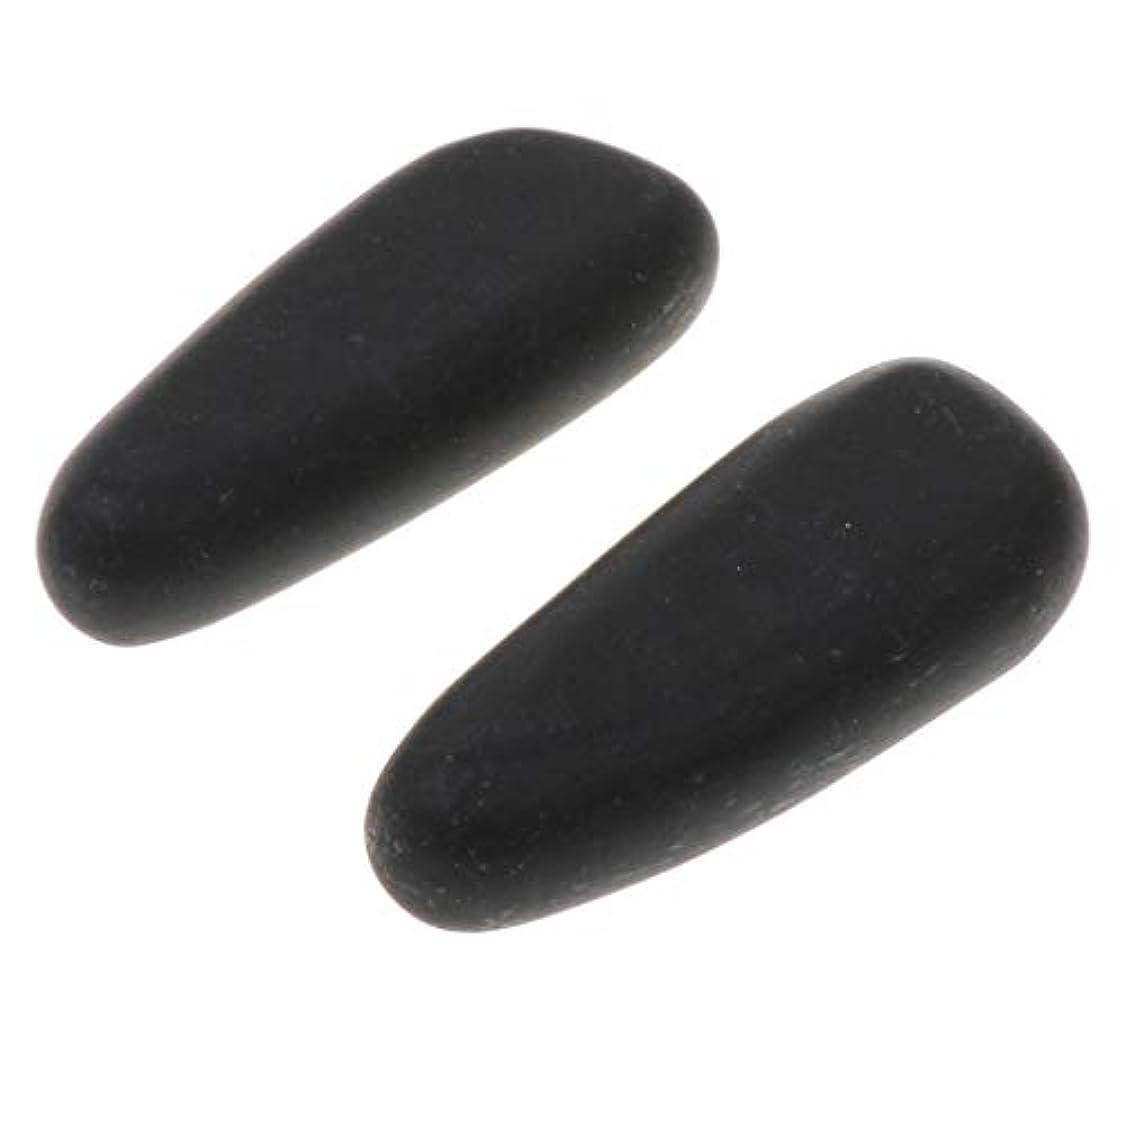 クレアダイアクリティカルスープCUTICATE 天然石ホットストーン マッサージ用玄武岩 マッサージストーン ボディマッサージ 実用 2個 全2サイズ - 8×3.2×2cm